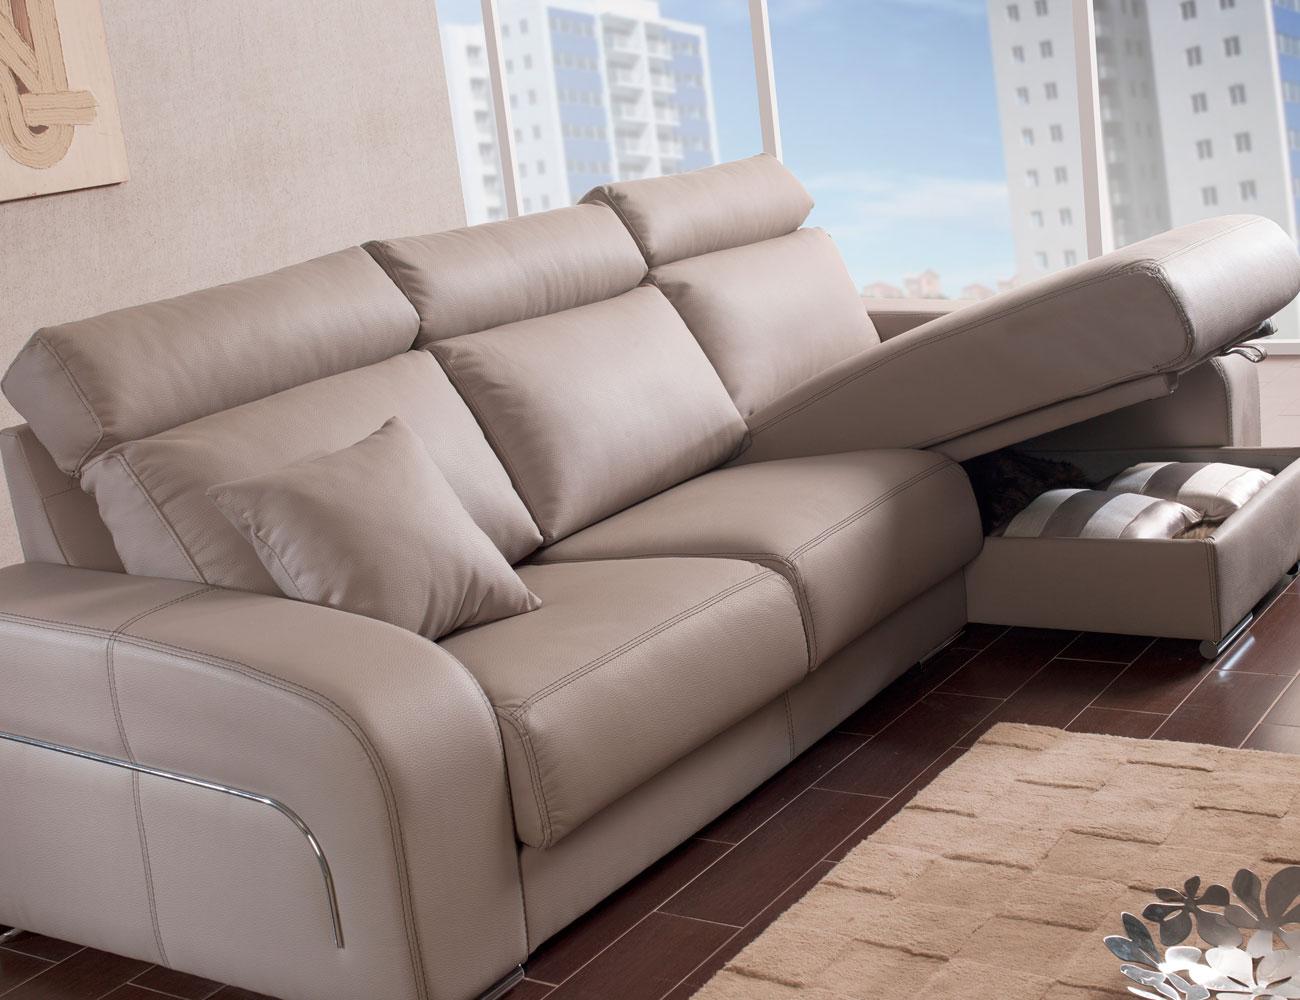 Sofa chaiselongue moderno pared cero arcon49